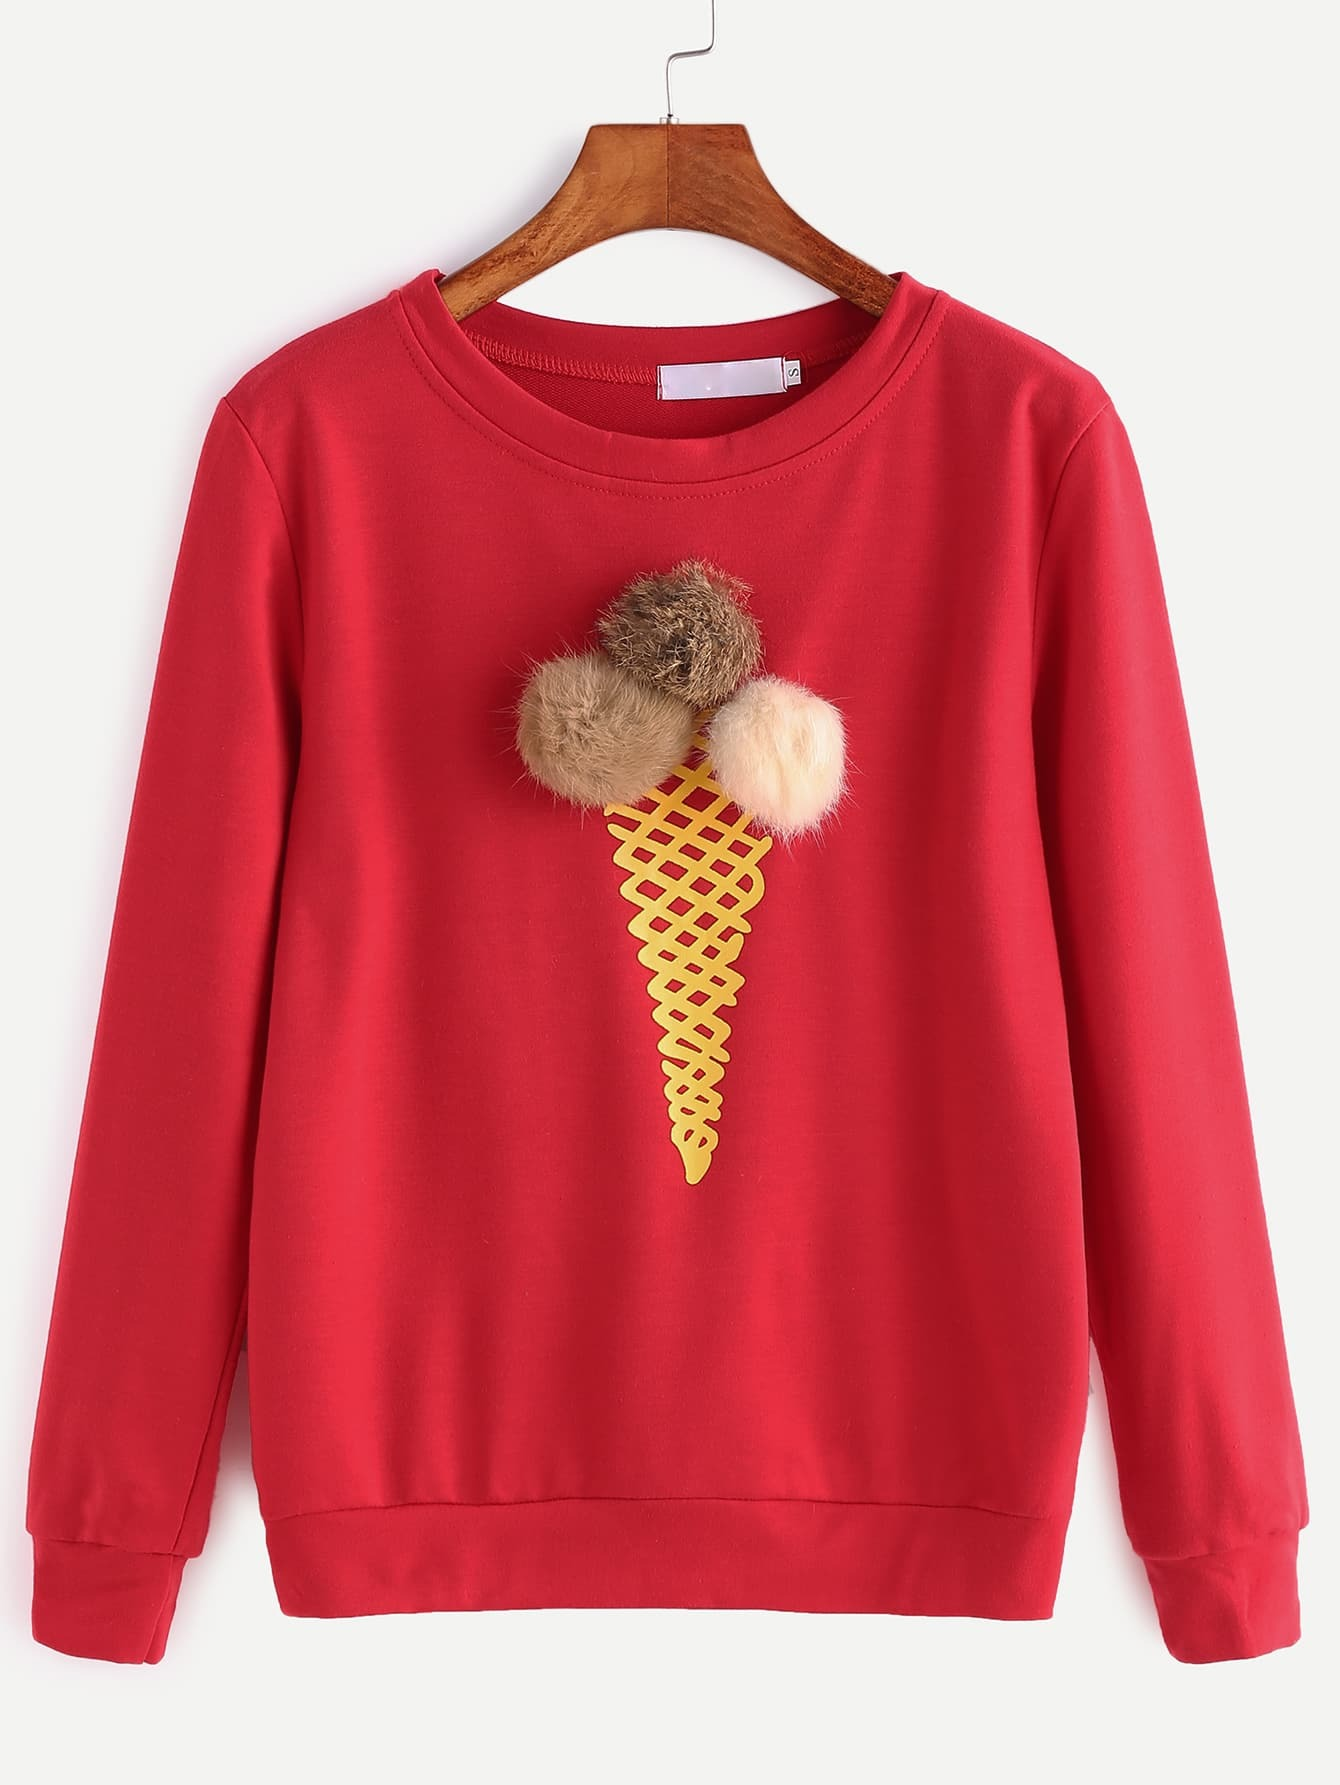 sweatshirt161202002_2